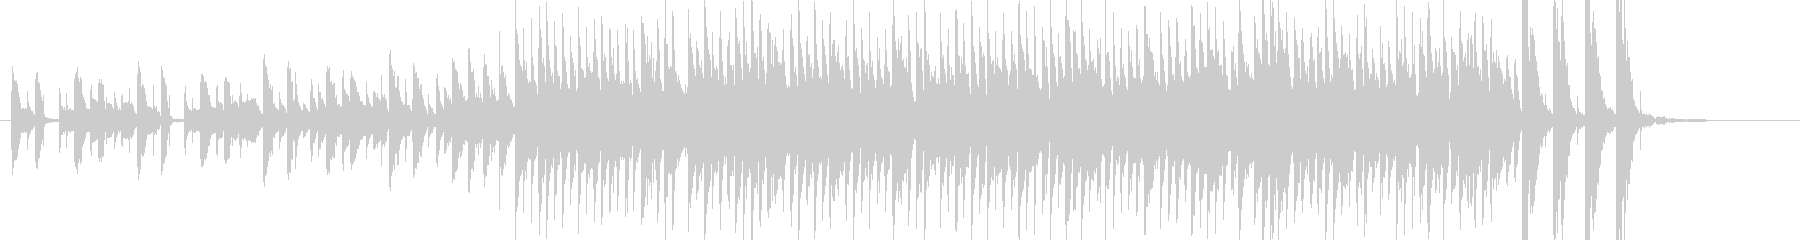 アジア風の電子音とマリンバのジングルの未再生の波形